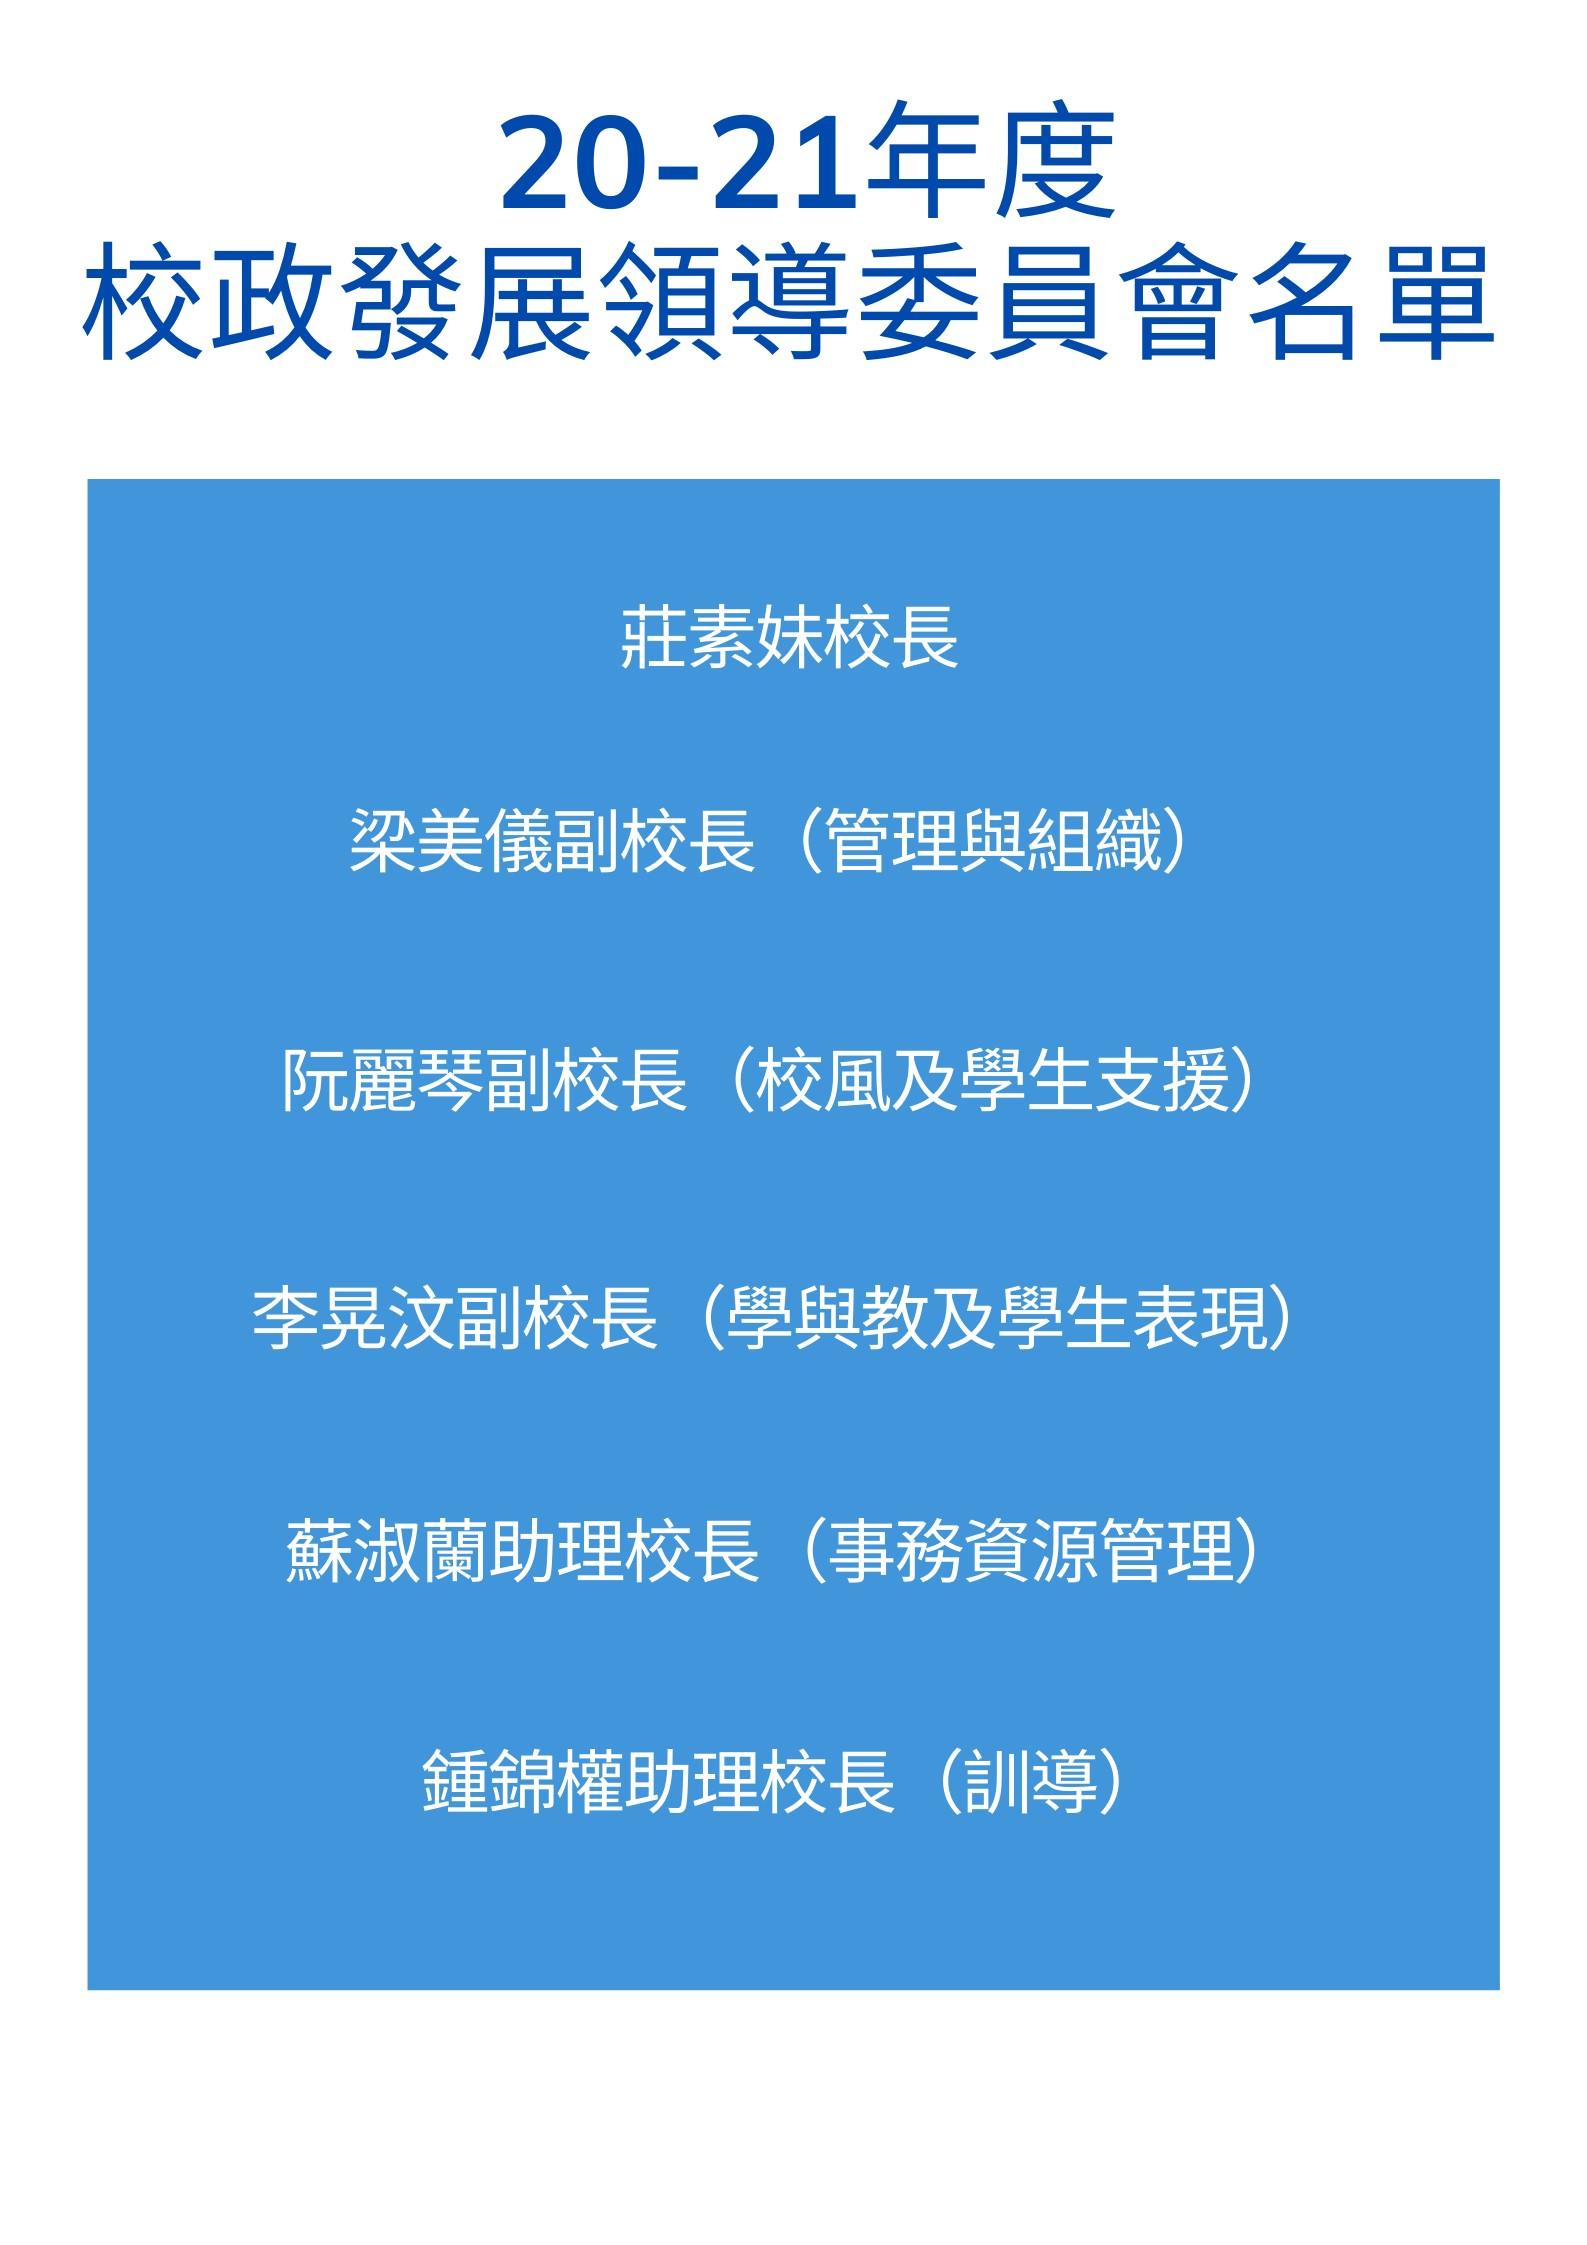 20-21年度校政發展領導委員會名單